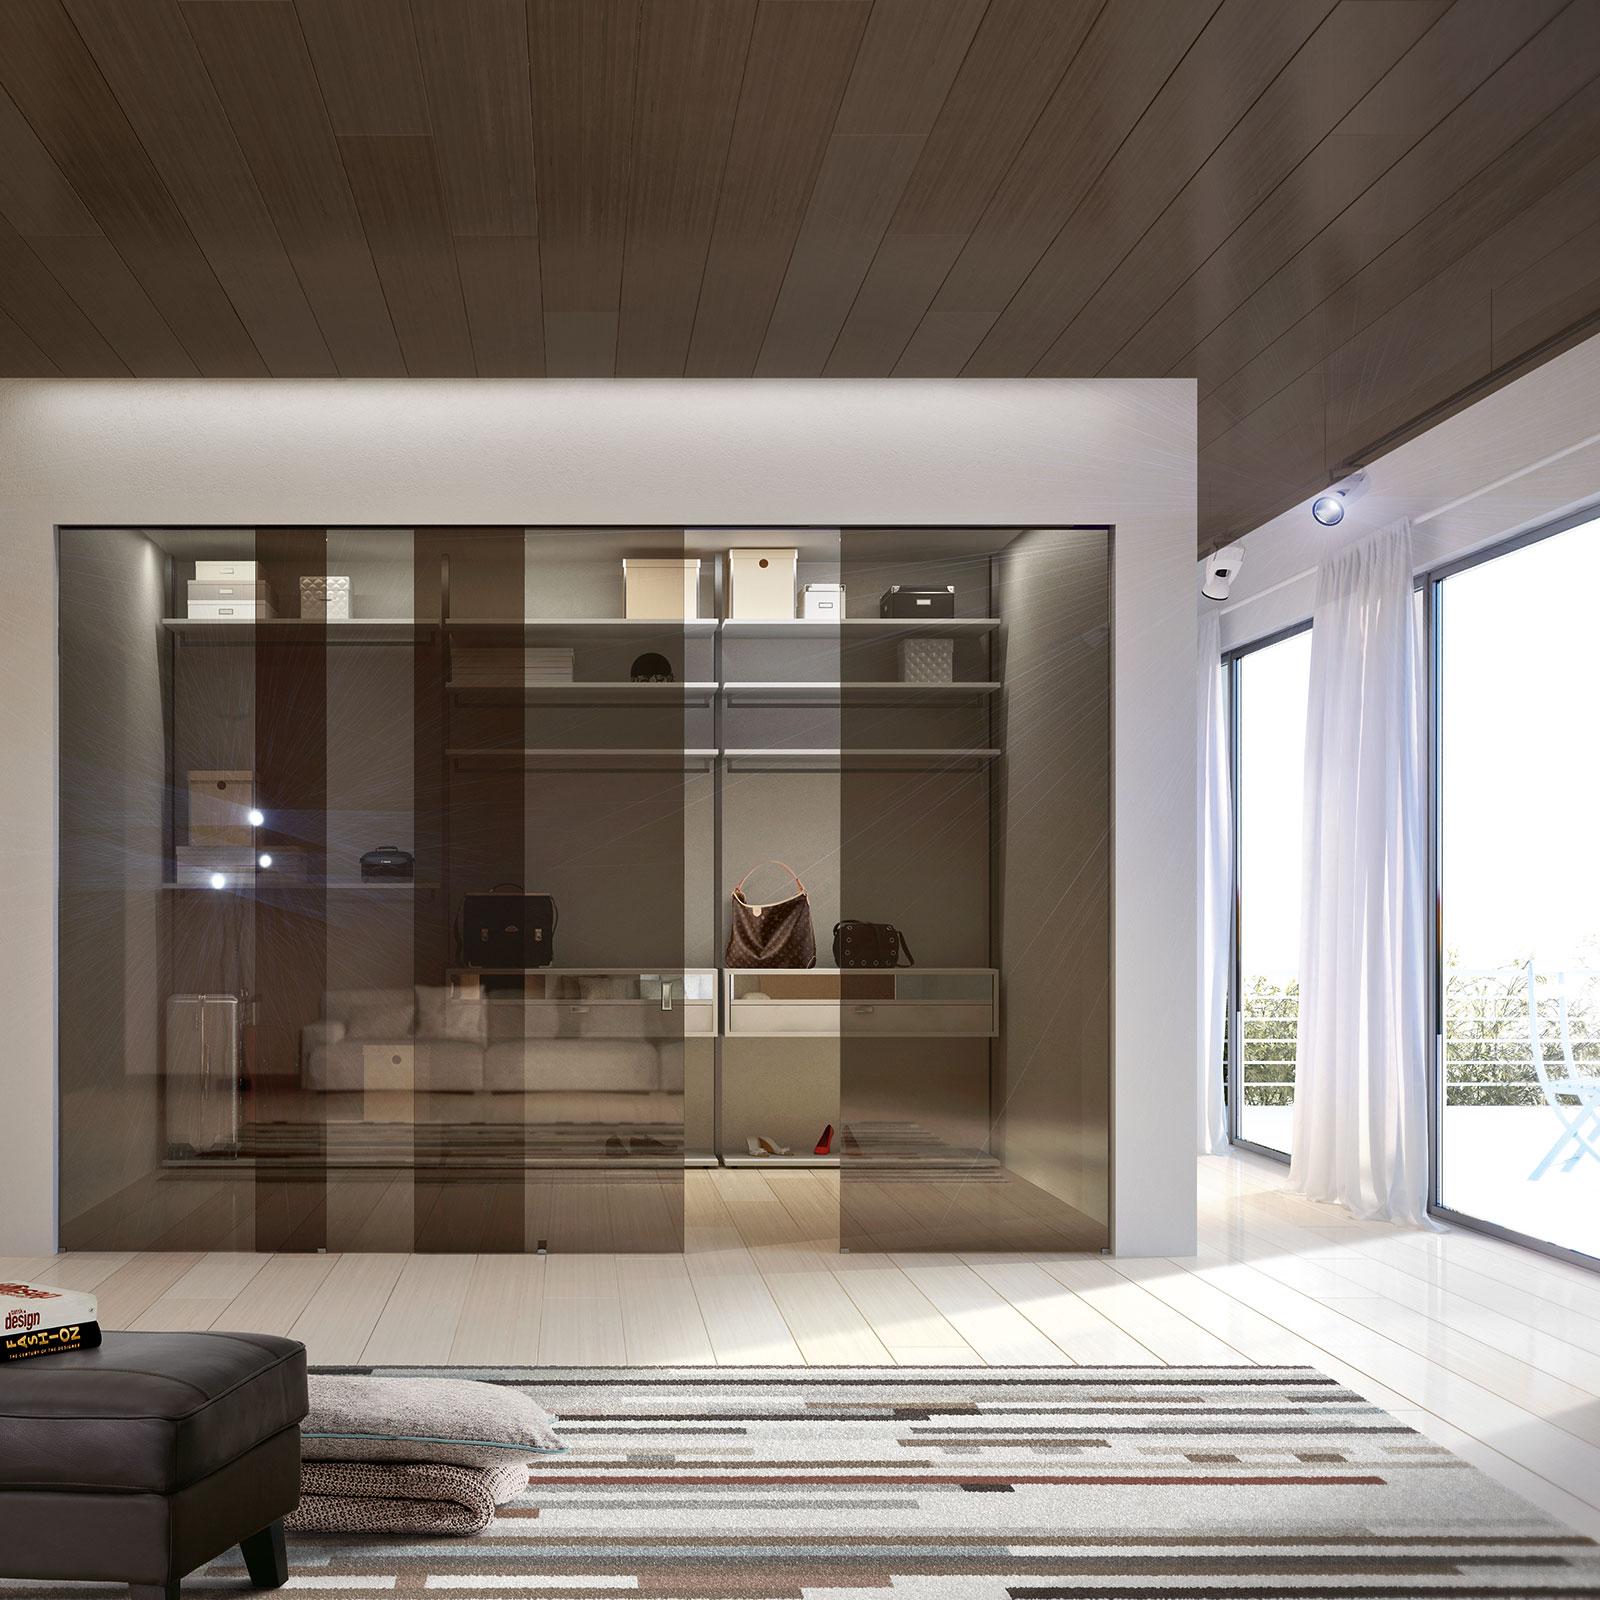 Cucina Con Vetrata Scorrevole porte scorrevoli in vetro per interni: vitra | henry glass